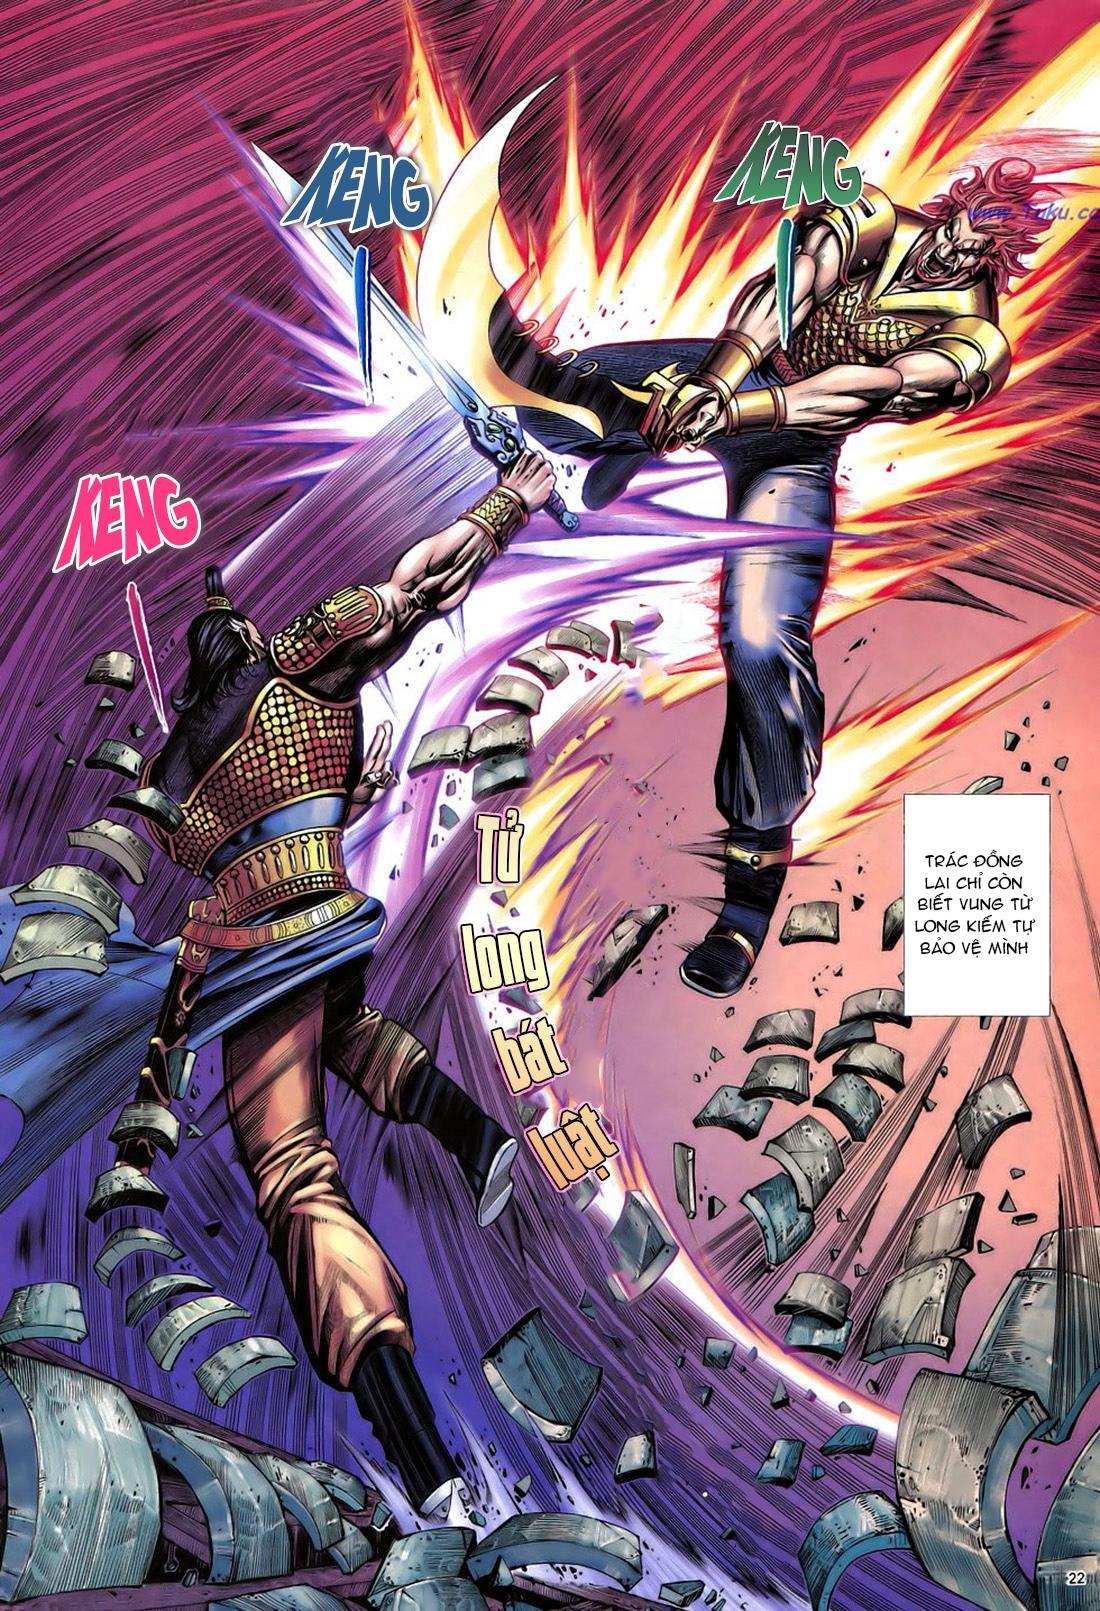 Anh hùng vô lệ Chap 22 trang 23